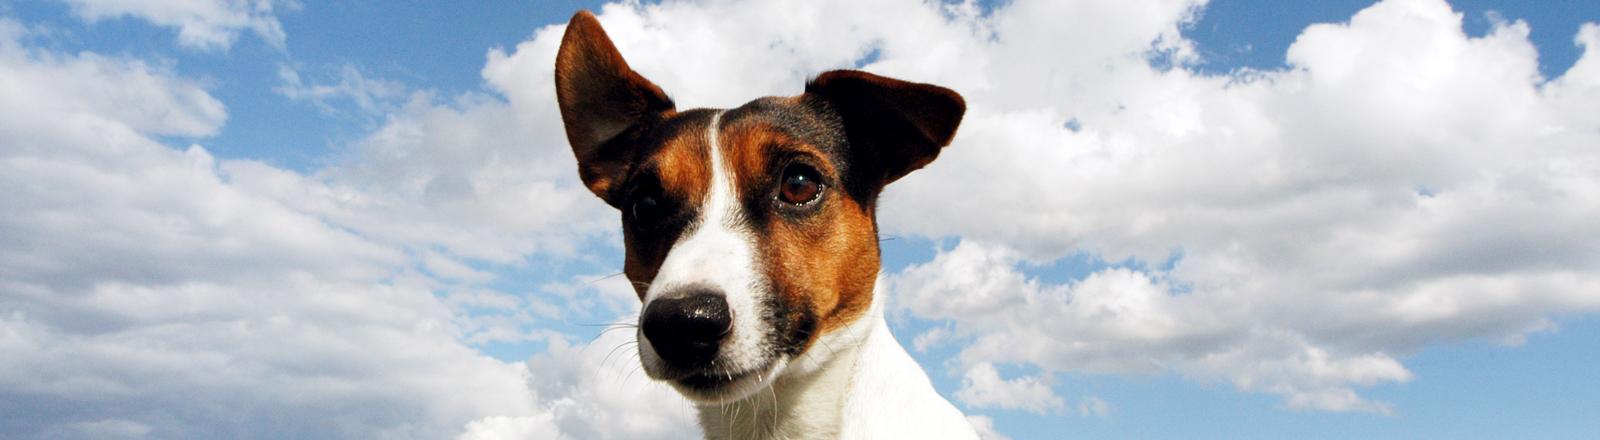 Hunde vor blauem Himmel und Wolken.